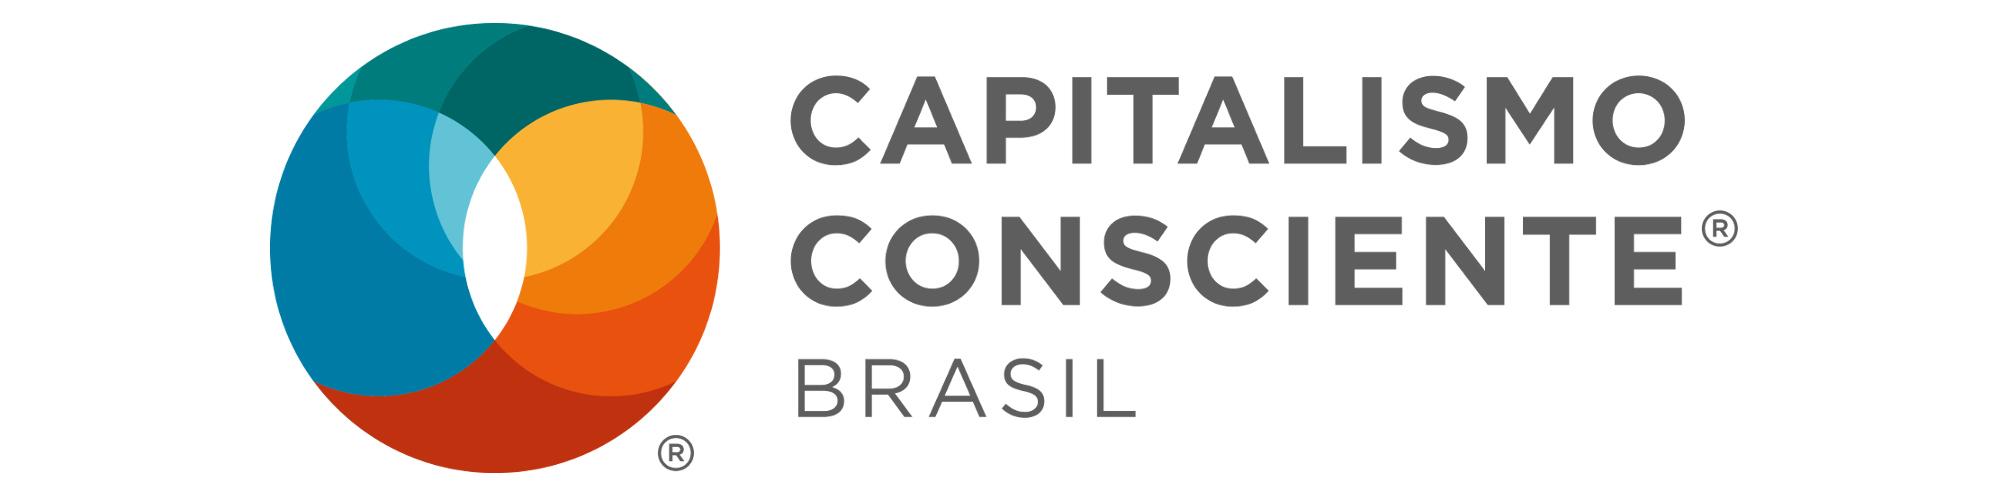 Workshop do Capitalismo Consciente Brasil explica como alinhar amor a resultado